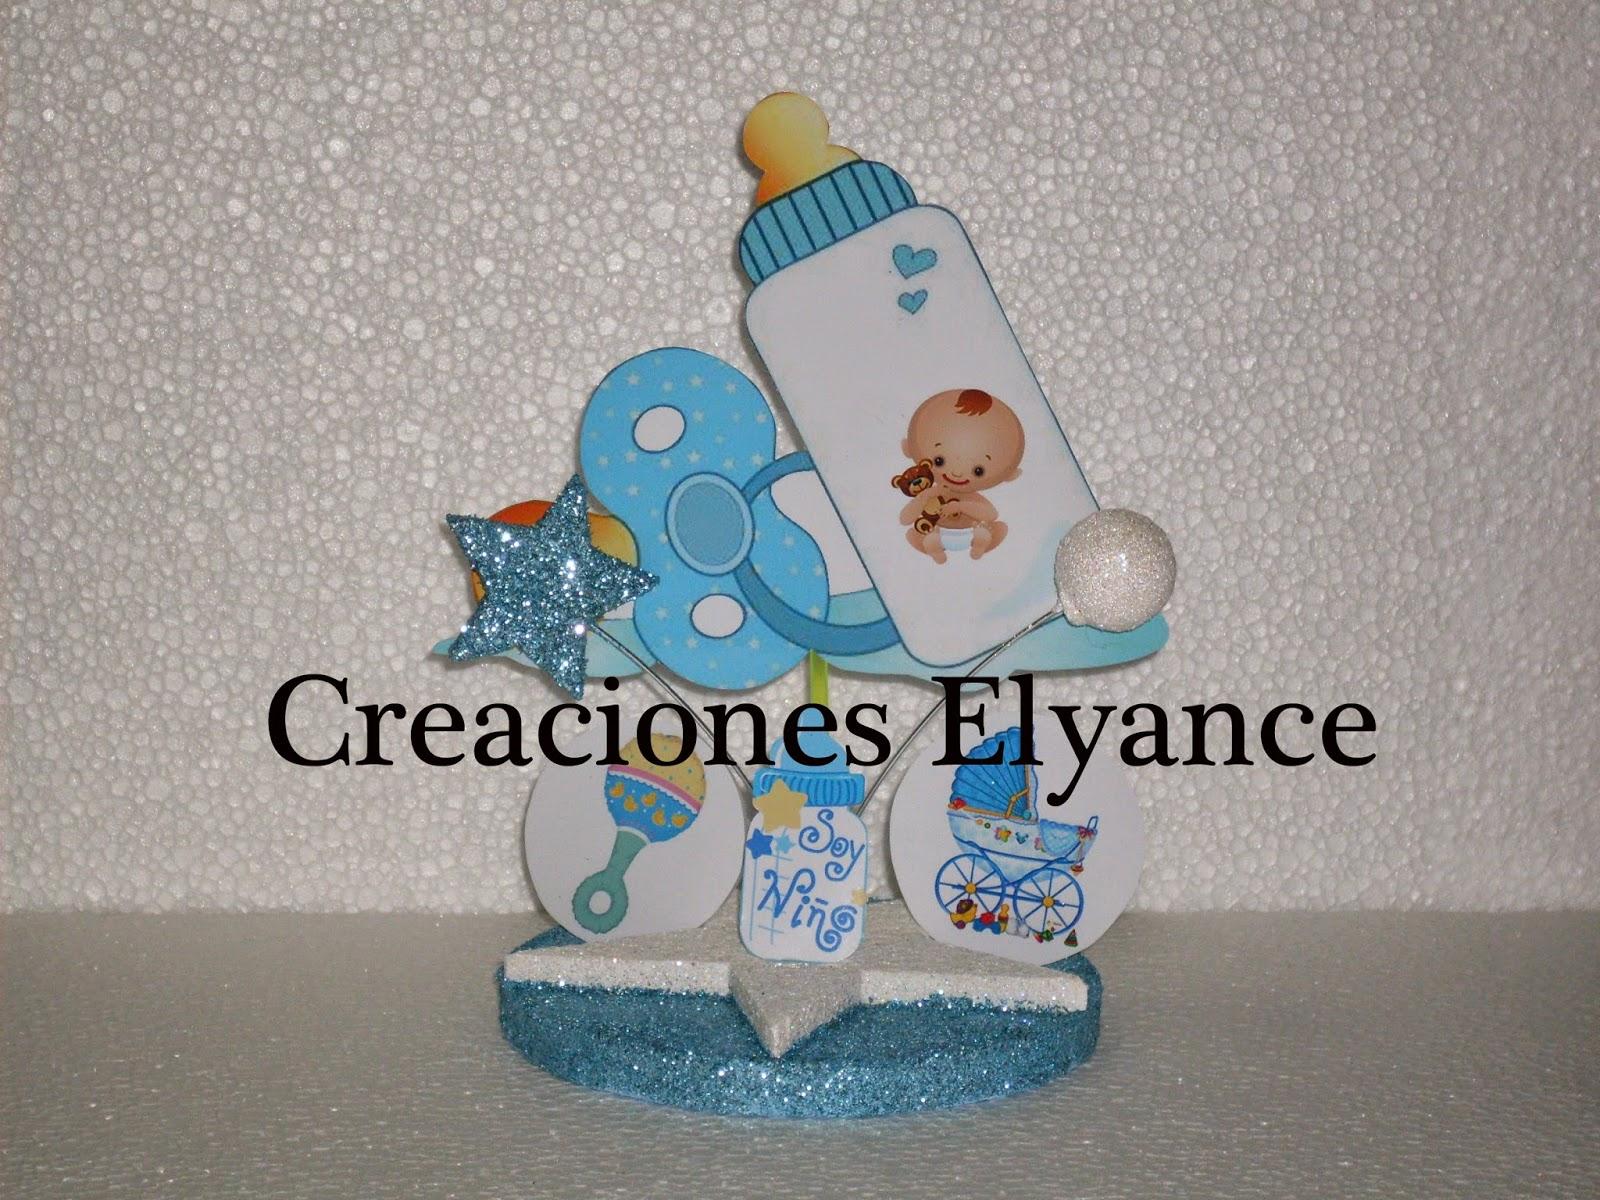 Creaciones Elyance Baby Shower